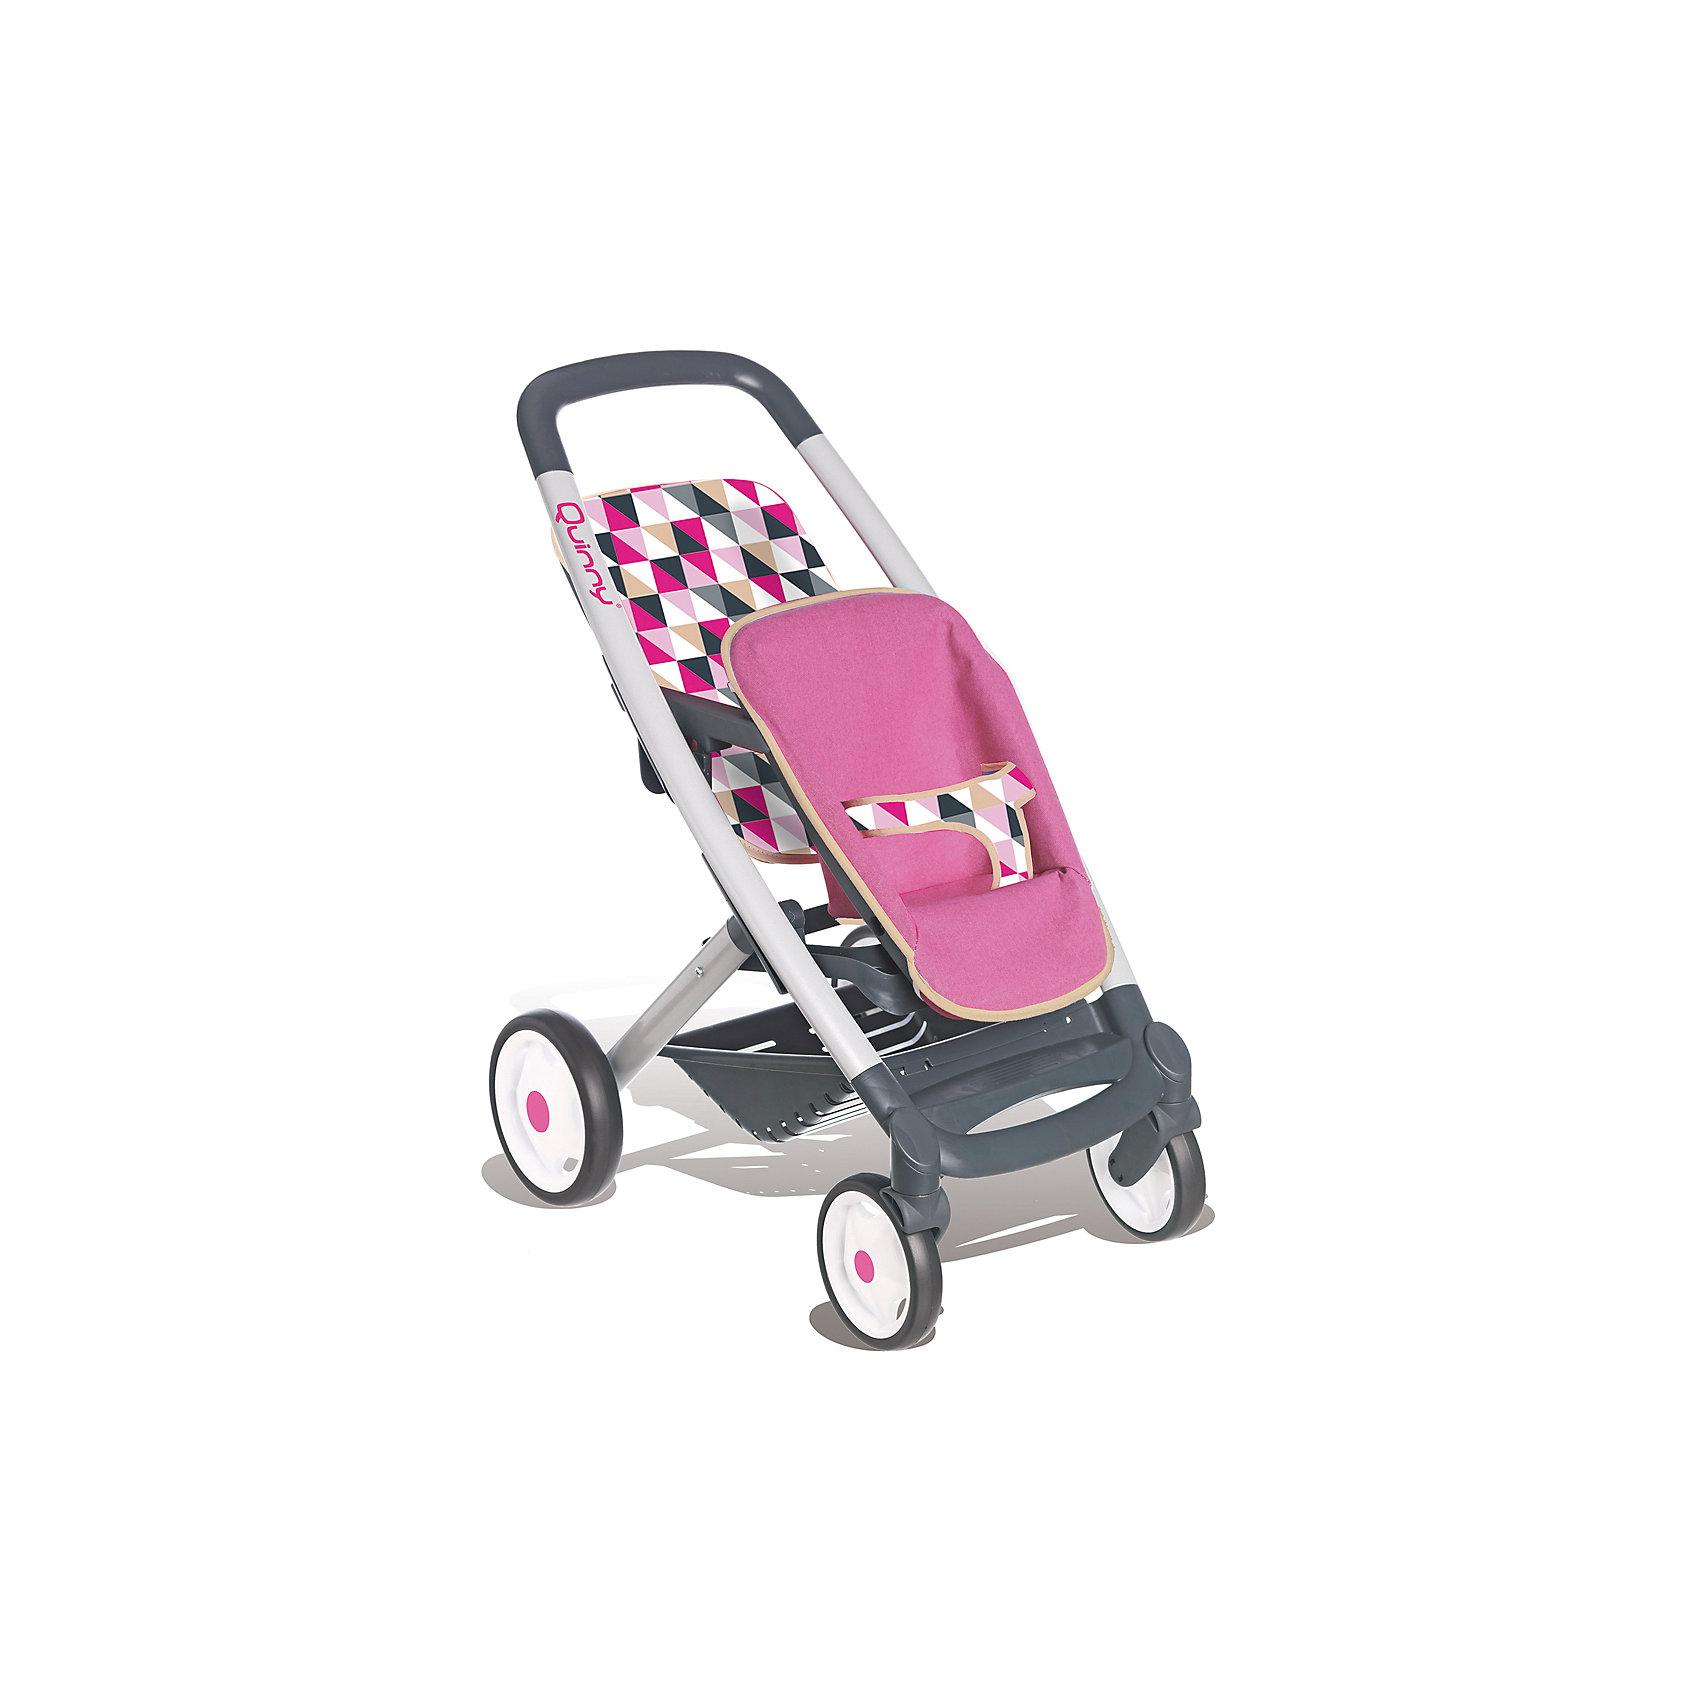 Прогулочная коляска для 2-х кукол MC&amp;Quinny, SmobyКоляски и транспорт для кукол<br>Прогулочная коляска для 2-х кукол MC&amp;Quinny, Simba (Симба)<br><br>Характеристики:<br><br>• стильный дизайн<br>• 2 сидения с ремнями безопасности<br>• прорезиненные колеса<br>• передние колеса вращаются на 360 градусов<br>• легкая и устойчивая<br>• легкоуправляемая<br>• размер коляски: 38,5х52х65 см<br>• материал: пластик, металл, текстиль<br>• размер упаковки: 15х34х53 см<br>• вес: 3 кг<br><br>Каждая девочка мечтает почувствовать себя мамой, заботящейся о малышах. Прогулочная коляска от Simba позволит девочке имитировать прогулку с детьми. Коляска имеет 2 сидения с ремнями безопасности. Прорезиненные колеса хорошо проезжают по дороге. Передние колеса могут вращаться на 360 градусов. Коляска создана с учета роста и физических возможностей ребенка, поэтому она очень легкая, устойчивая и хорошо управляется. <br><br>Прогулочную коляску для 2-х кукол MC&amp;Quinny, Simba (Симба) вы можете купить в нашем интернет-магазине.<br><br>Ширина мм: 340<br>Глубина мм: 150<br>Высота мм: 540<br>Вес г: 2950<br>Возраст от месяцев: 36<br>Возраст до месяцев: 84<br>Пол: Женский<br>Возраст: Детский<br>SKU: 5506954